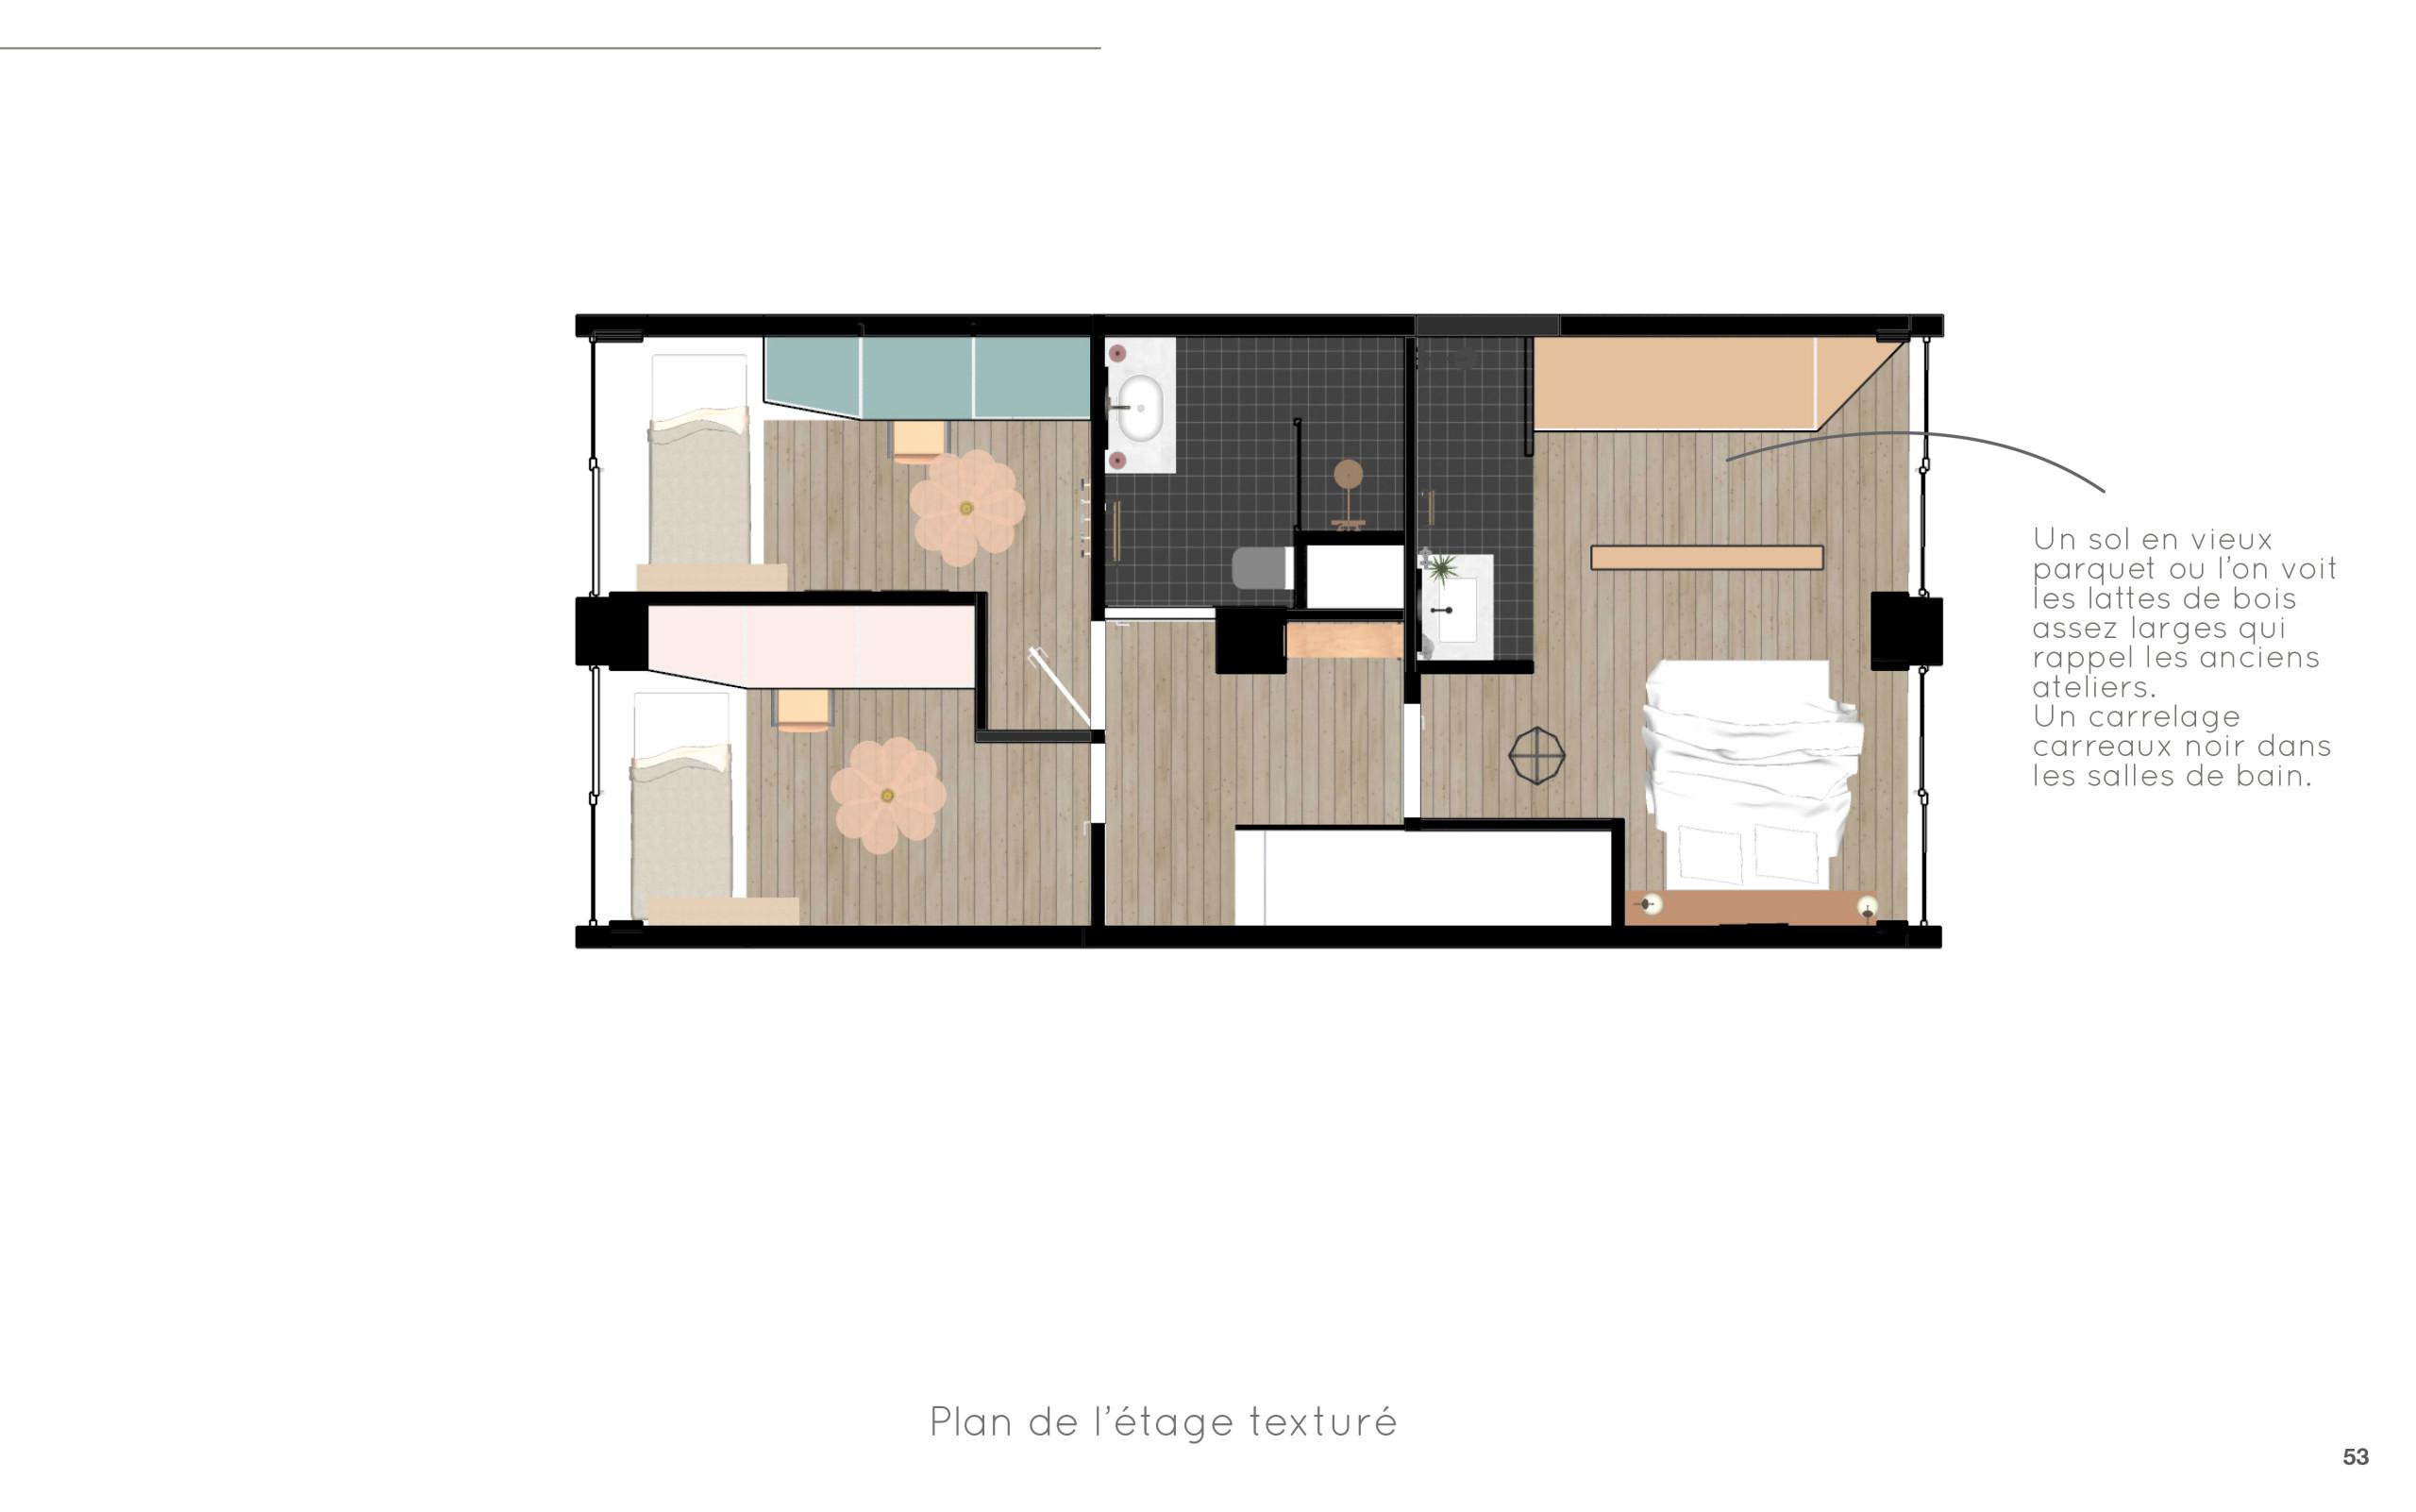 Duplex O - Plan R+1 - Option 2